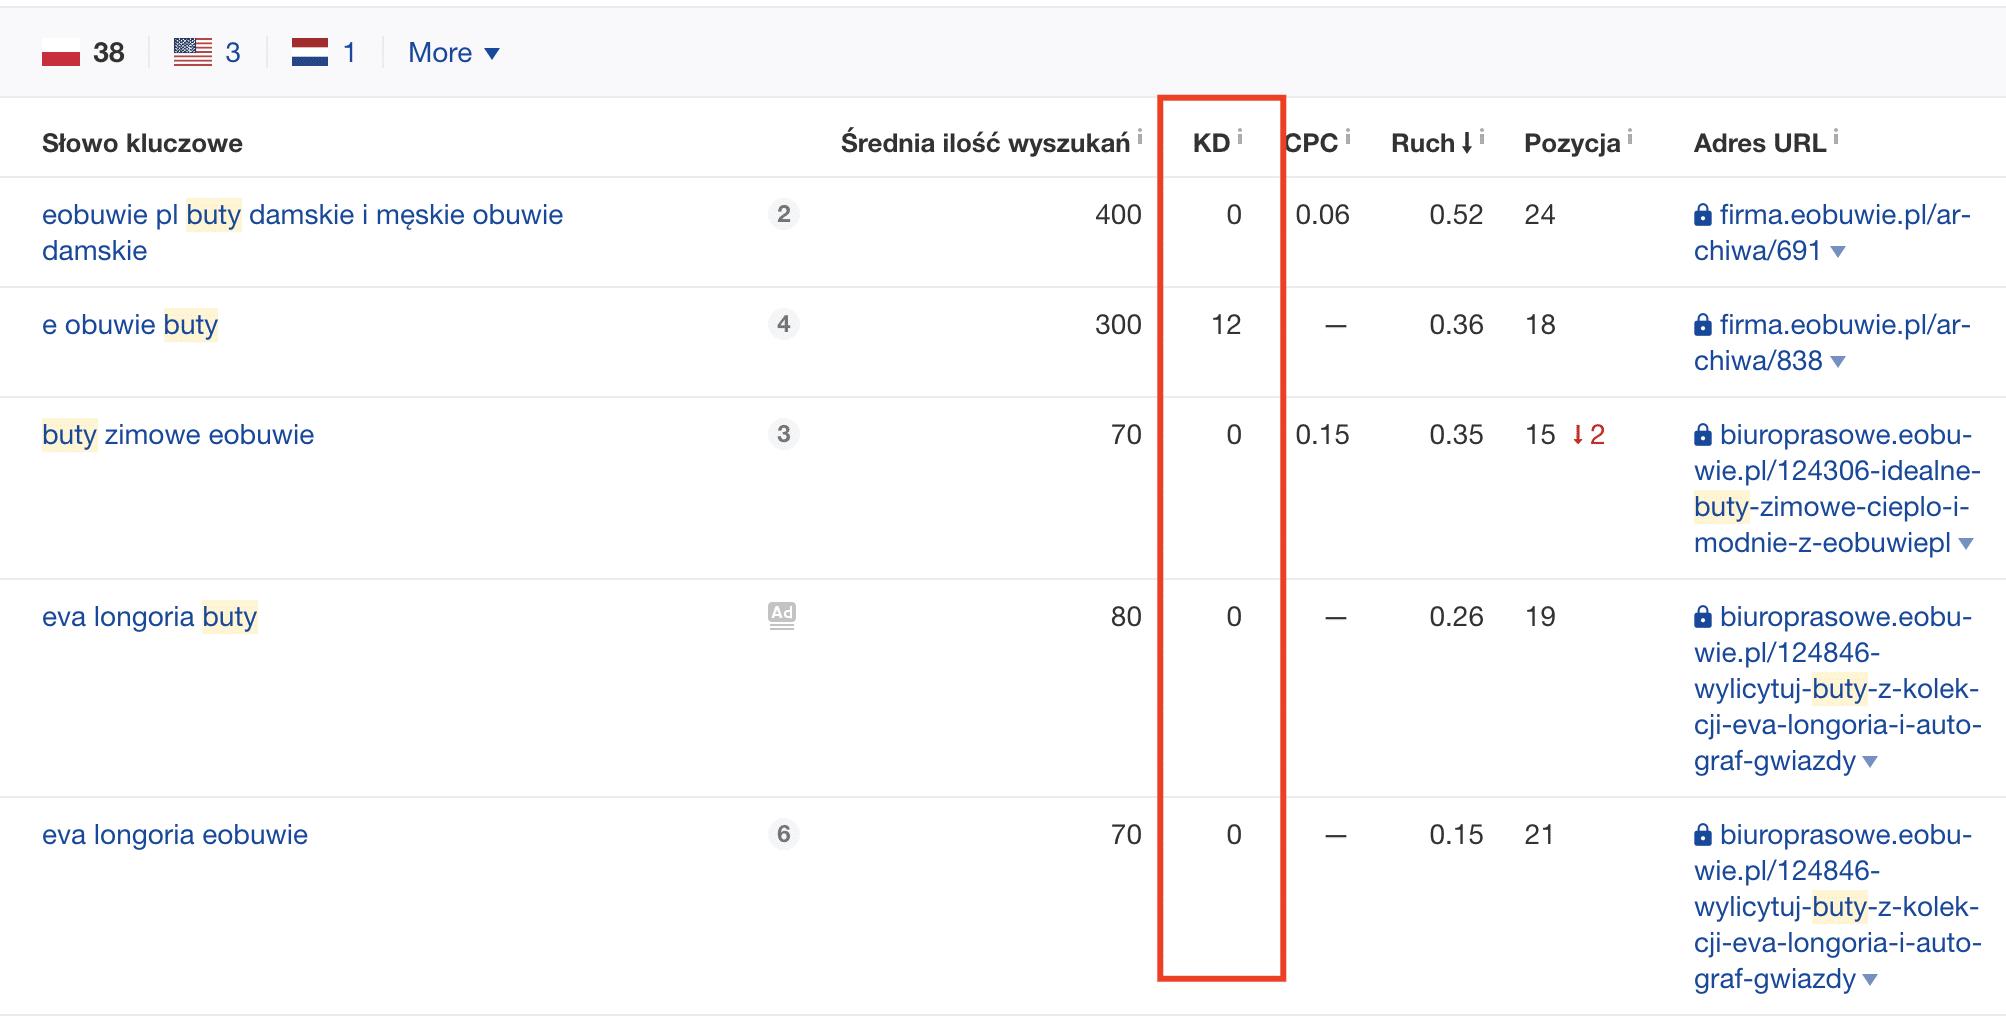 Konkurencyjność (trudność) słowa kluczowego (KD) według Ahrefs.com